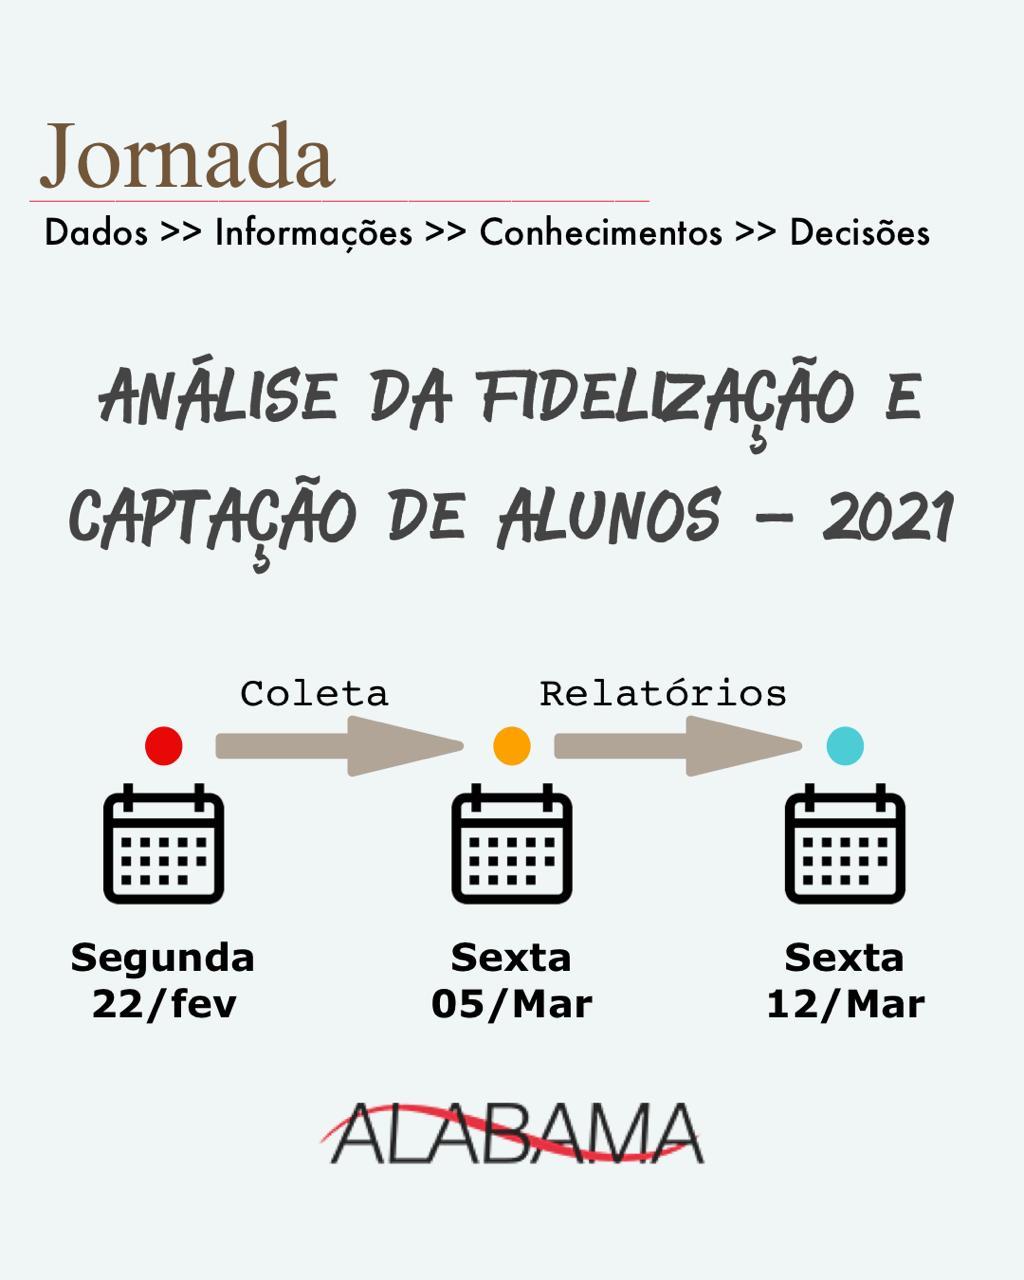 alabama-novo-curso